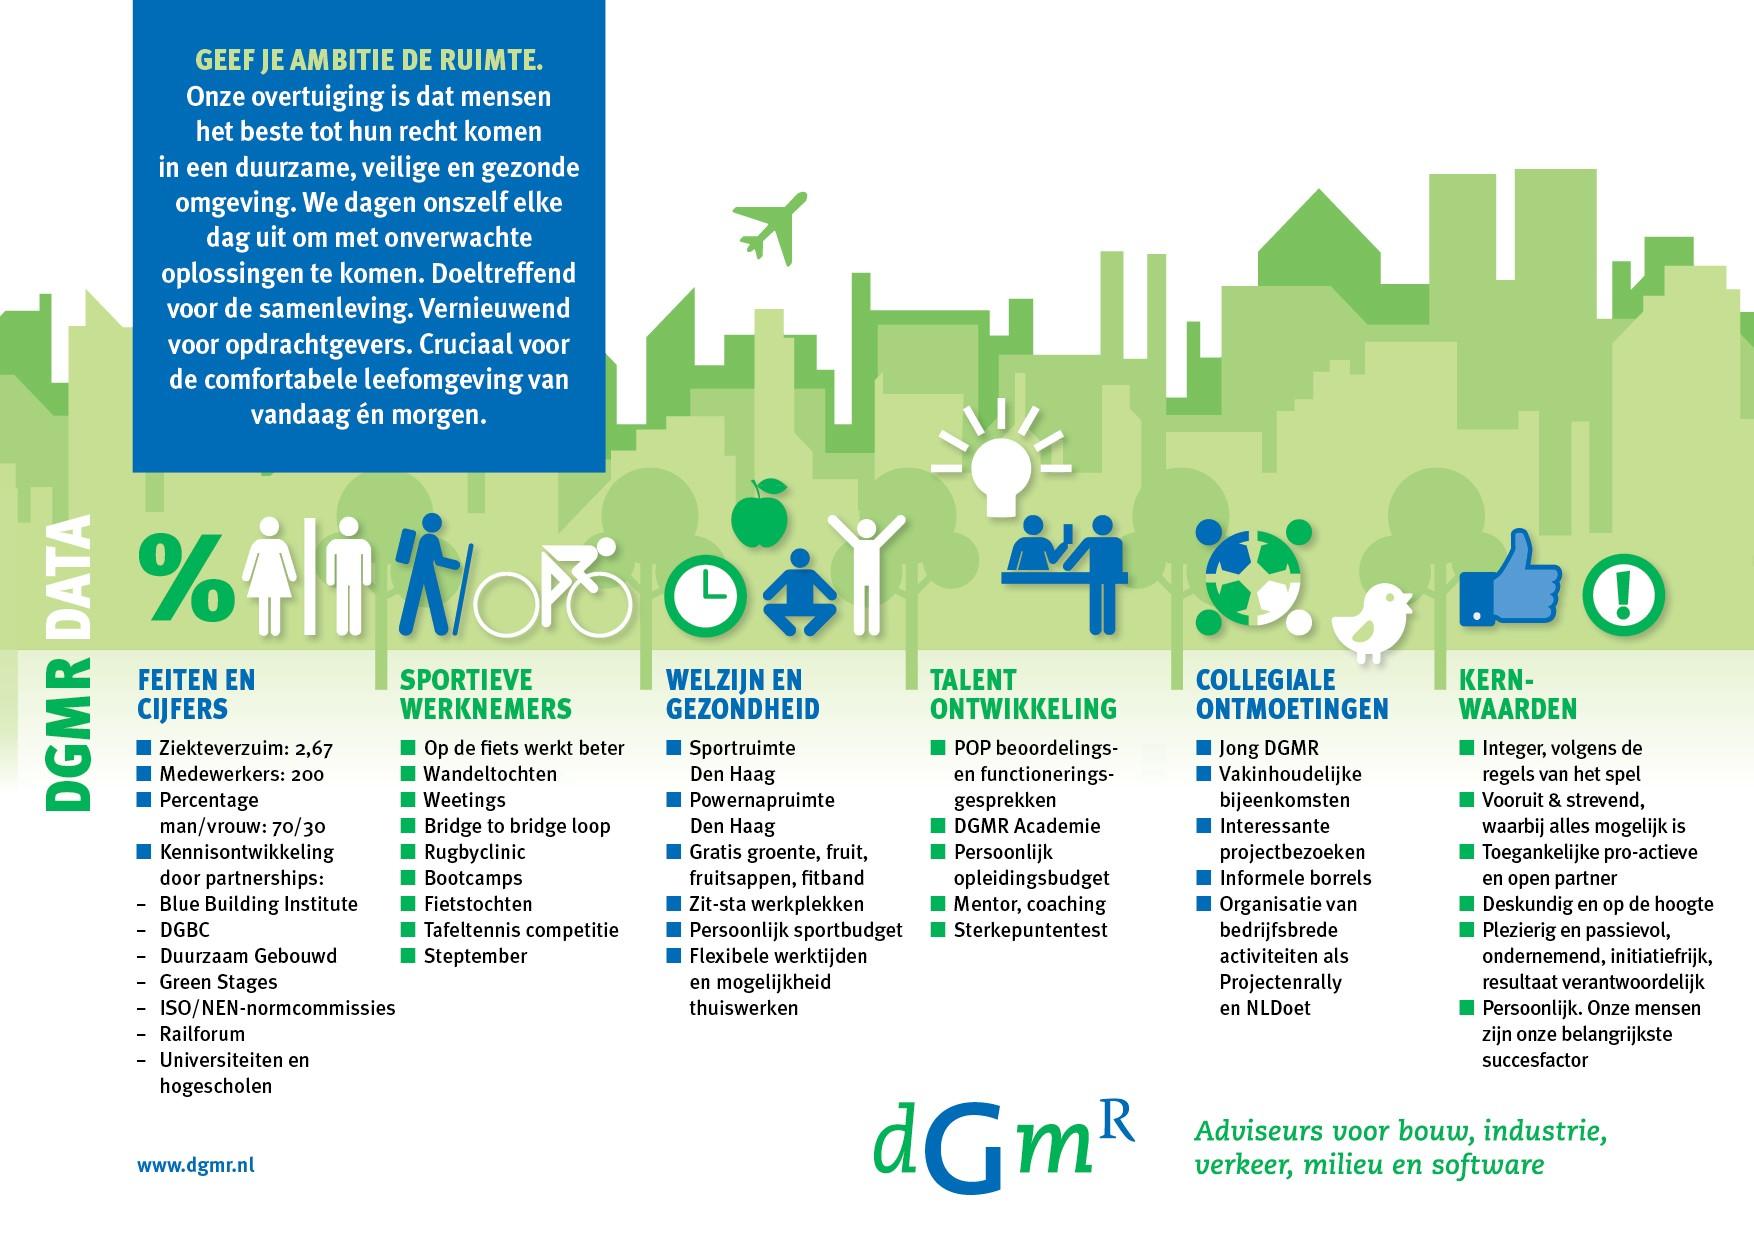 Factsheet DGMR, People